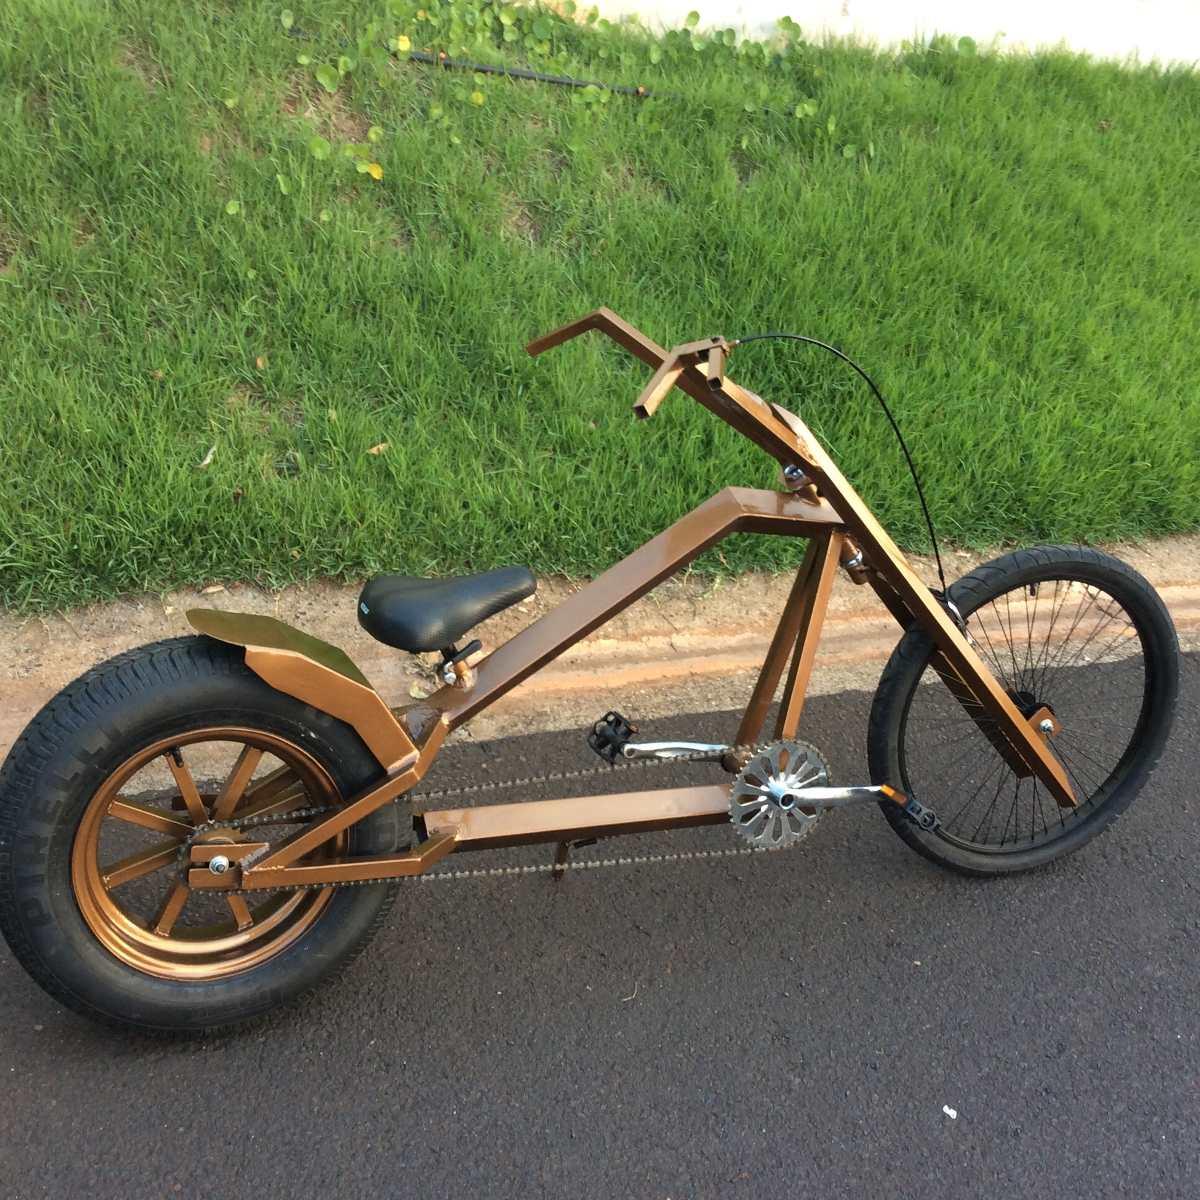 Bicicletas Chopper Related Keywords - Bicicletas Chopper ...